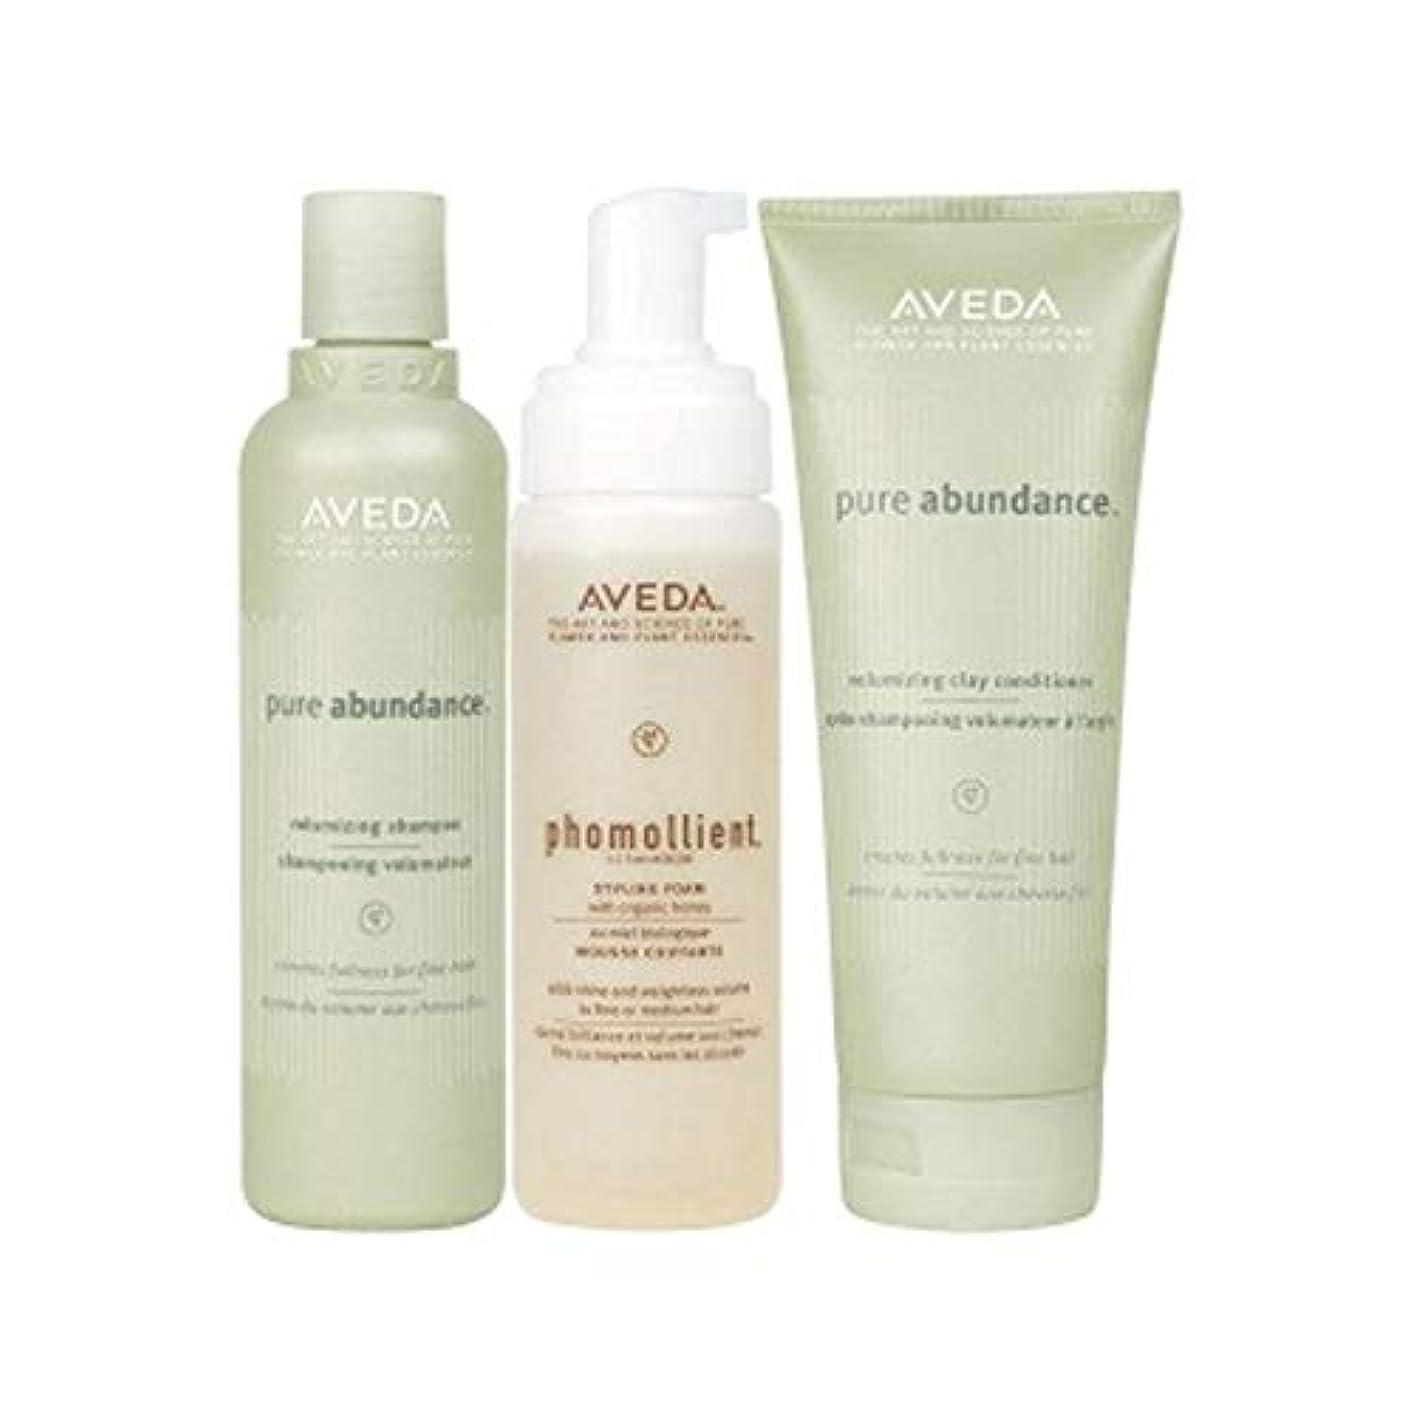 砂漠美容師サポート[AVEDA ] アヴェダボリュームパックをポンプアップ(3製品) - Aveda Pump Up Volume Pack (3 Products) [並行輸入品]